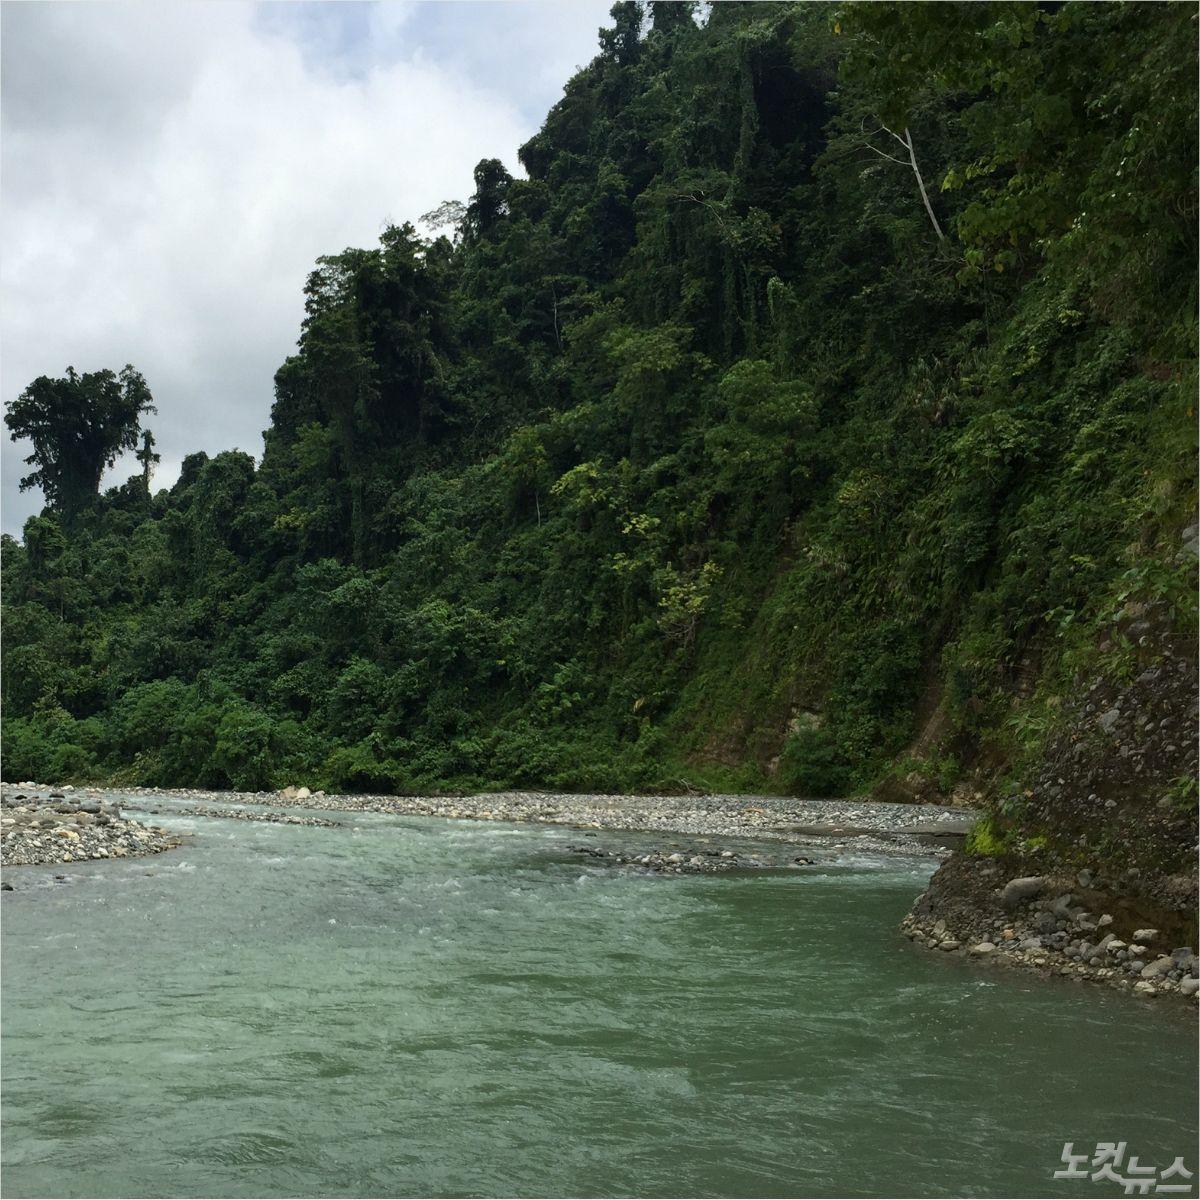 솔로몬제도 수력발전 예정지 티나강 유역